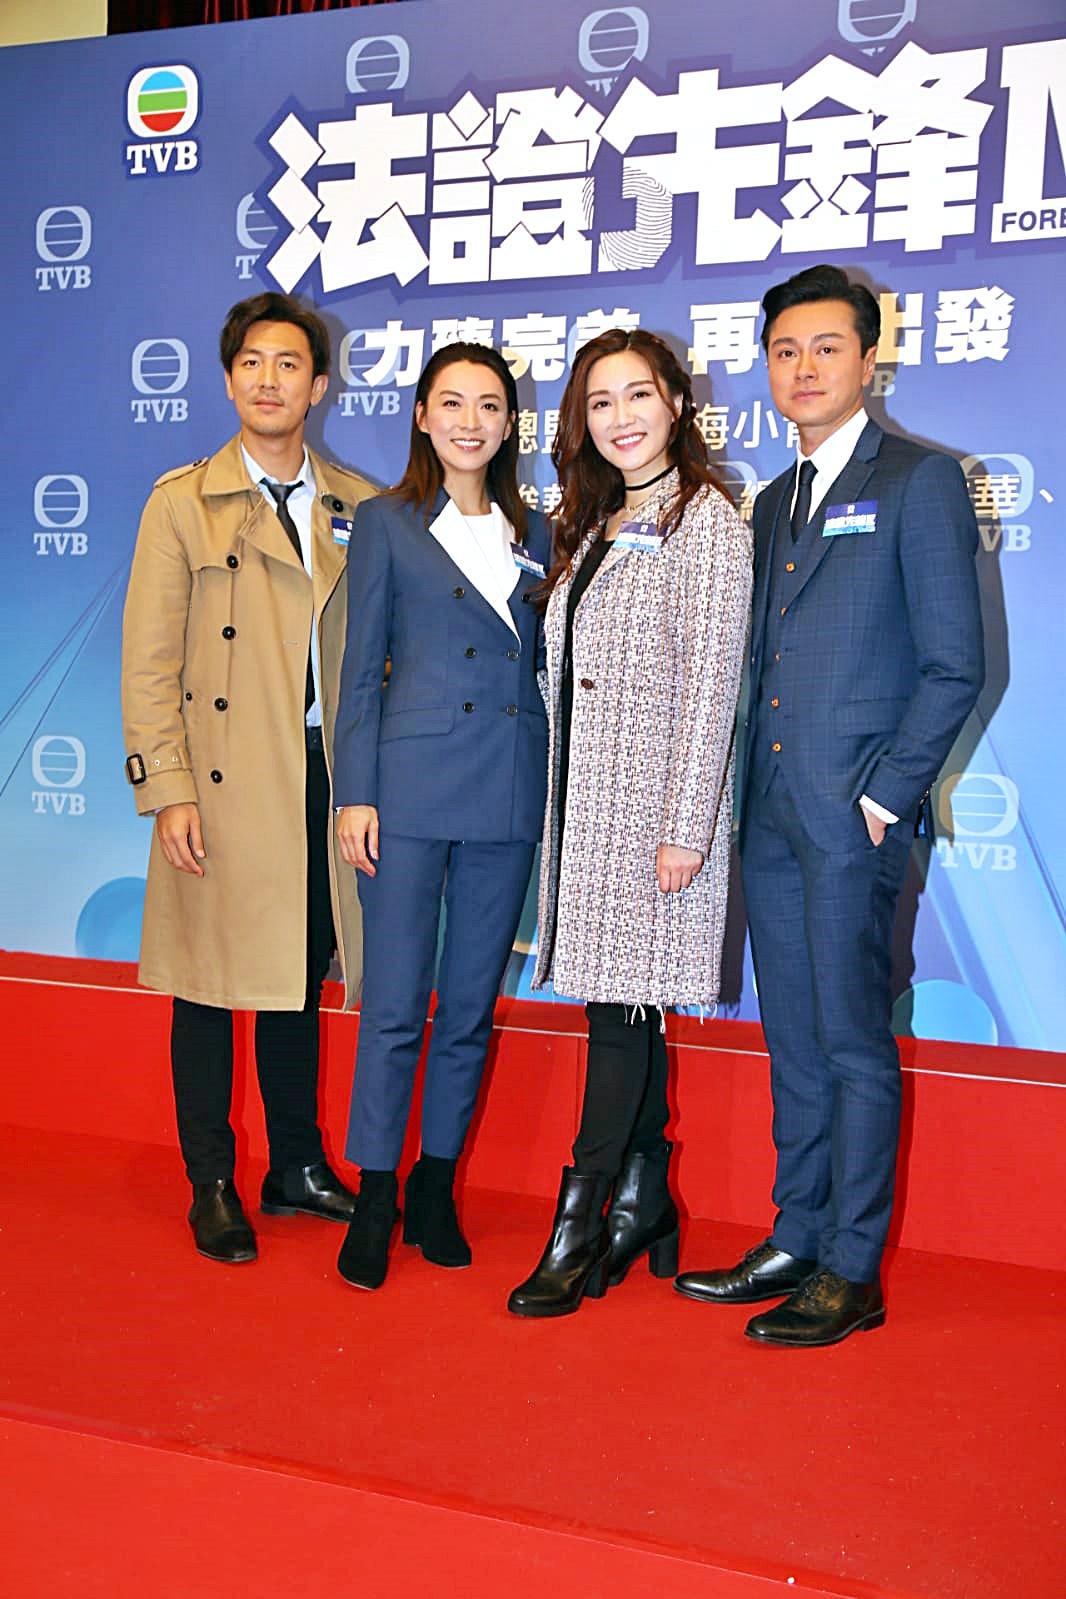 湯洛雯、黃浩然、陳煒及譚俊彥等出席《法lV》試造型。